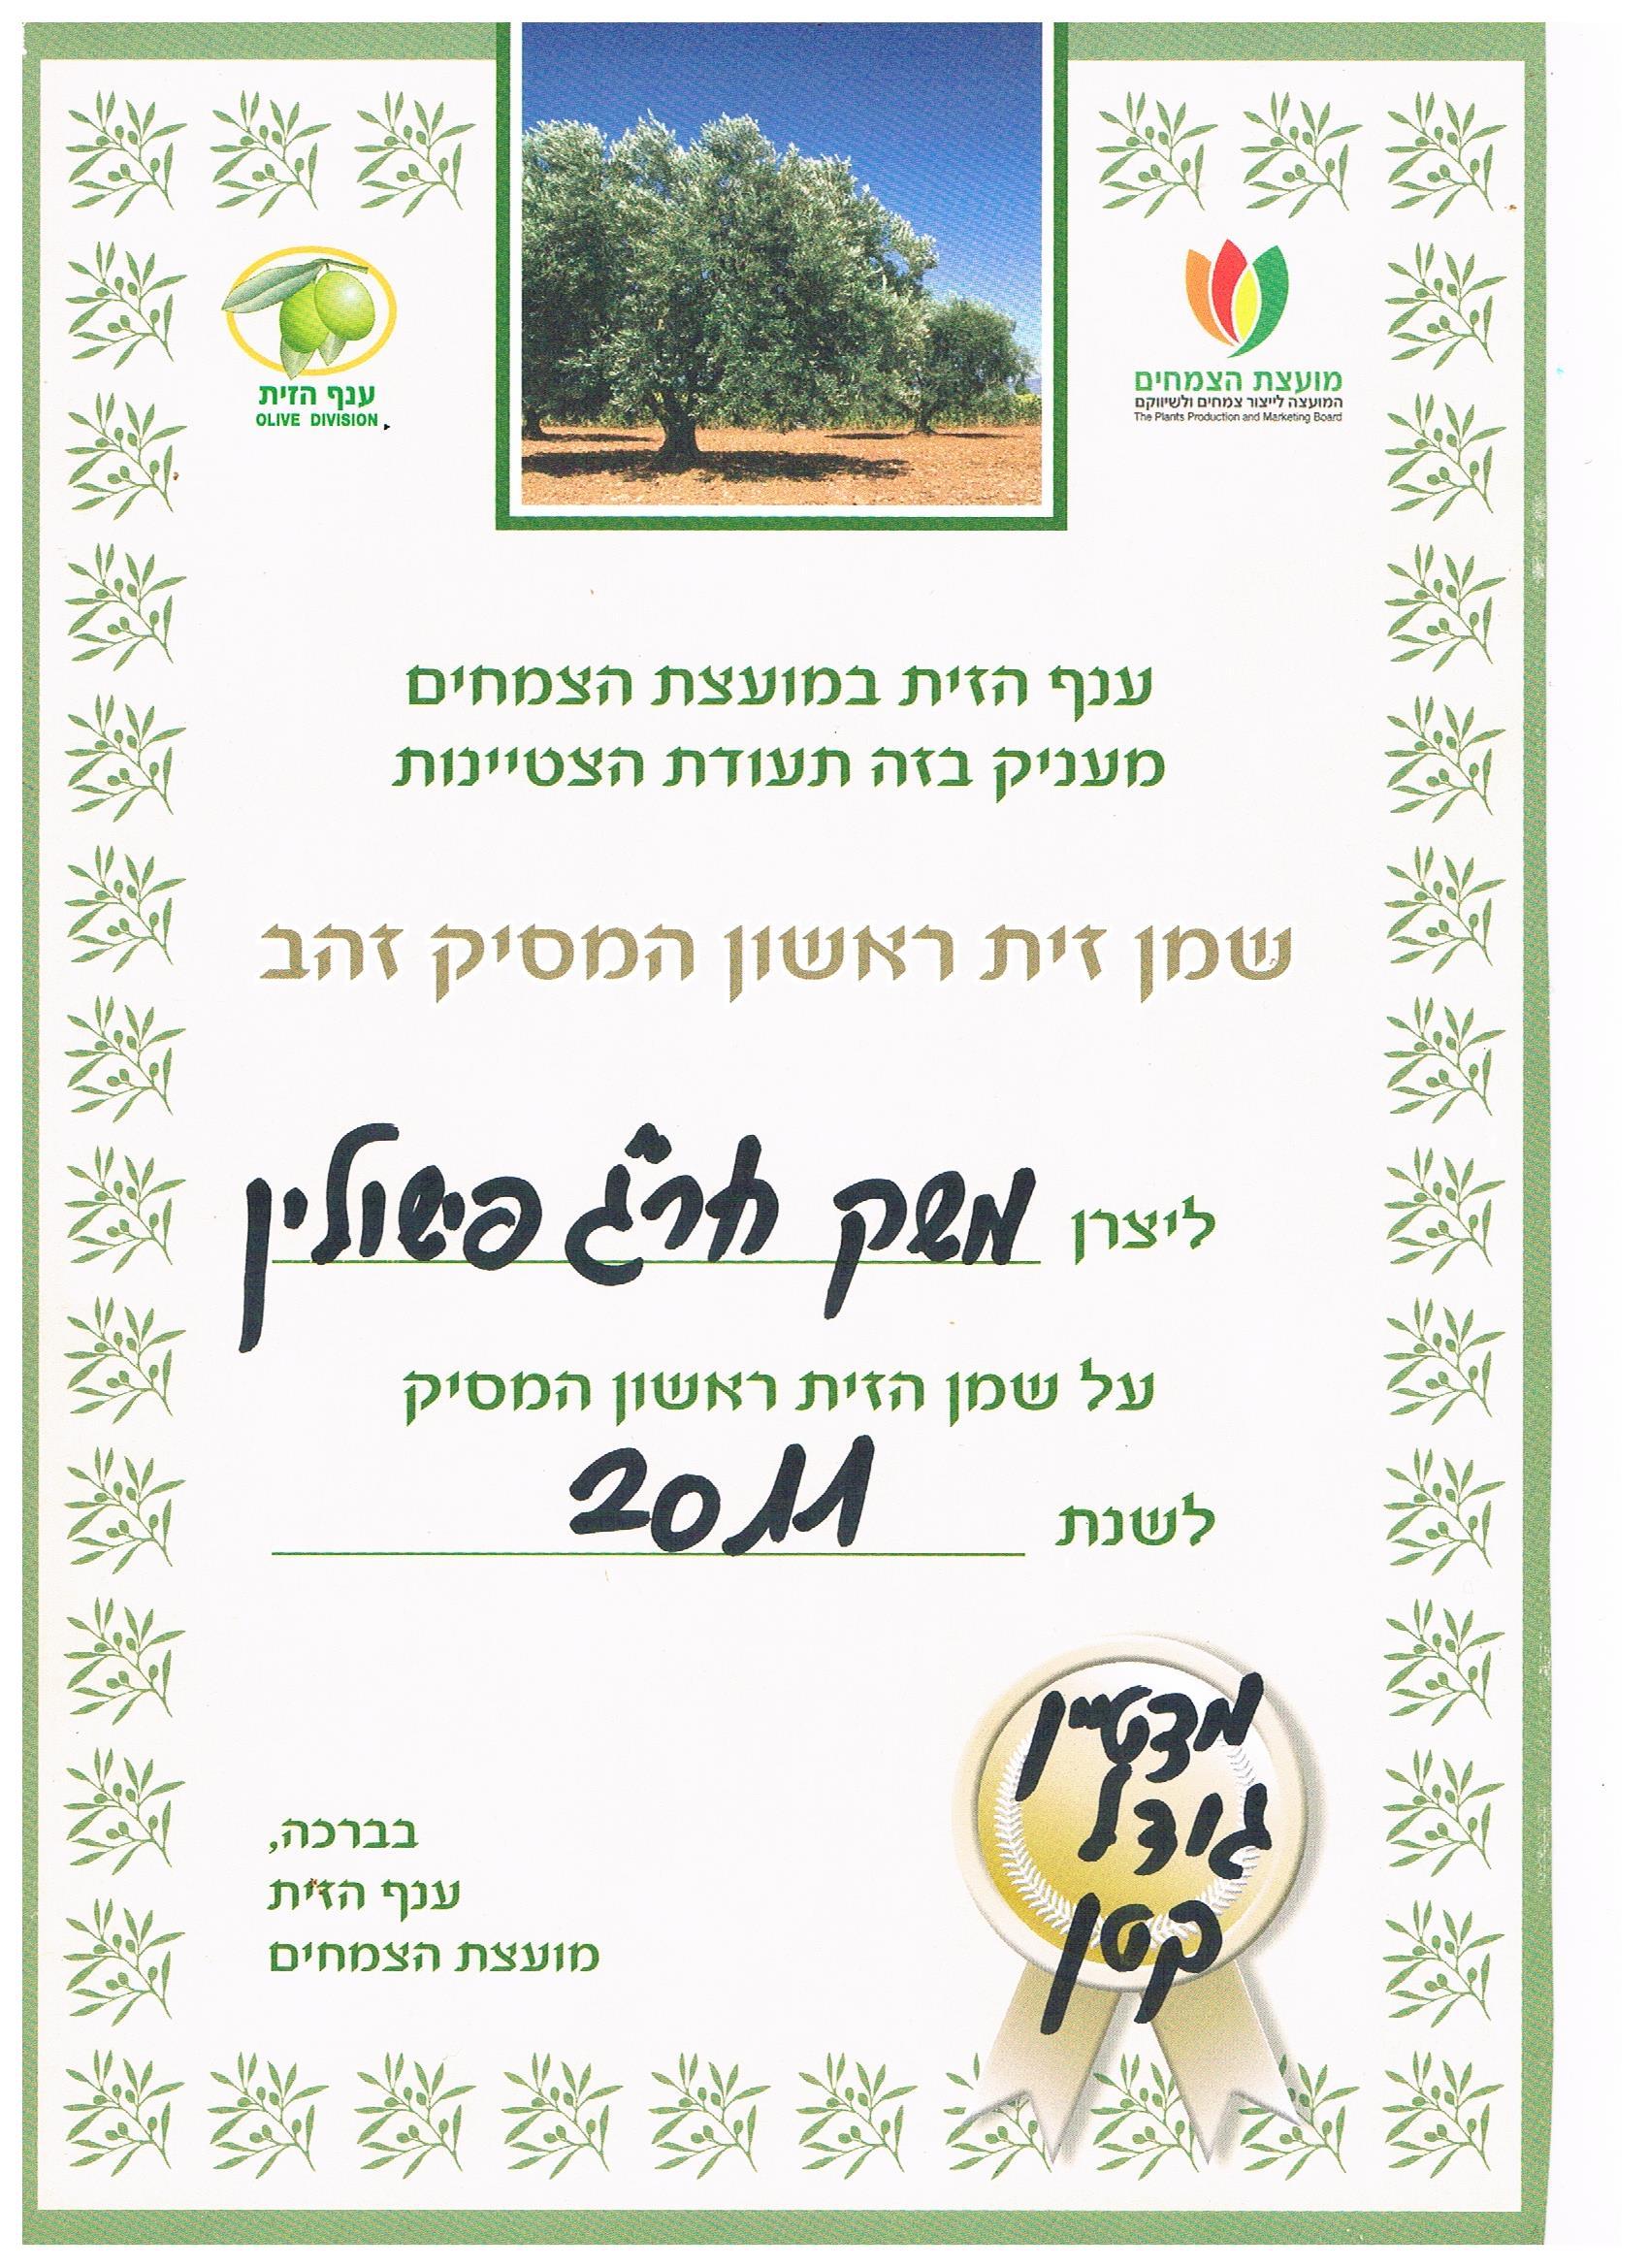 ראשון המסיק 2011 פישולן פרס שמן זית